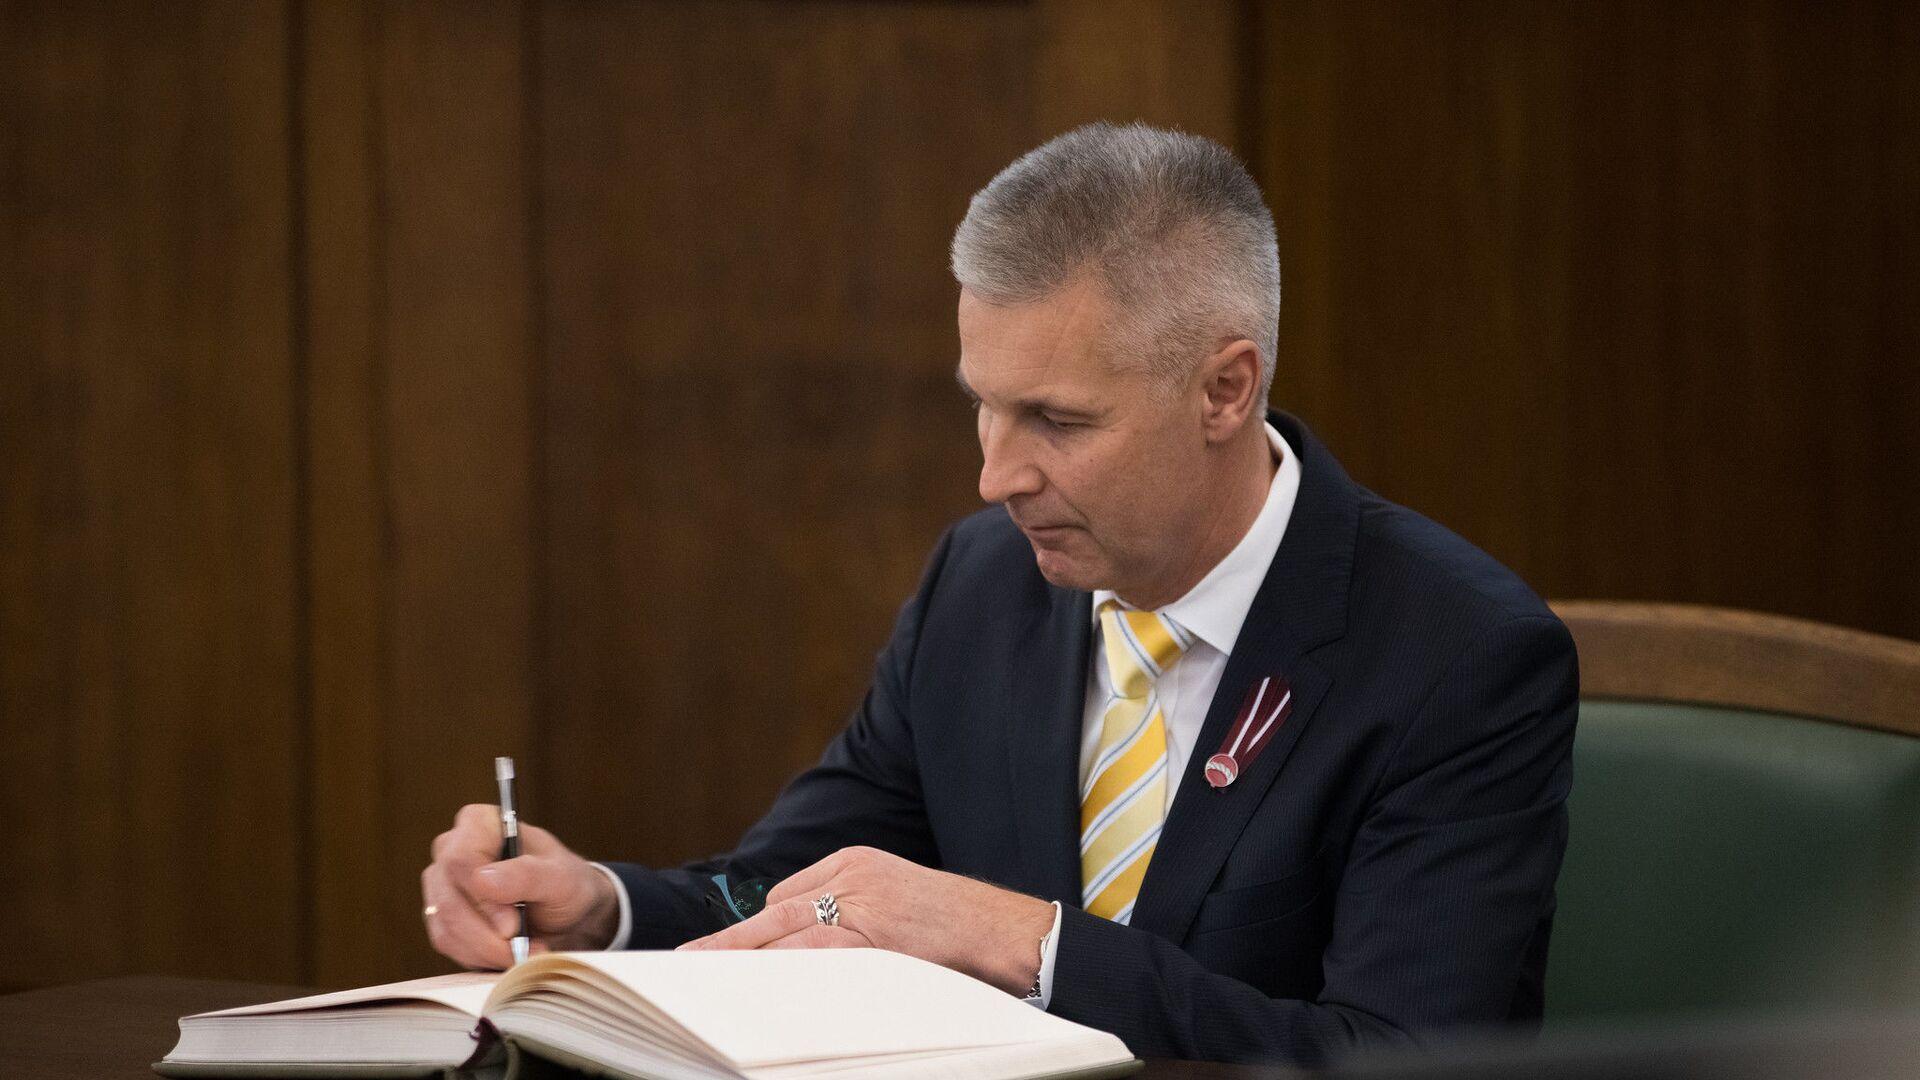 Министр обороны Латвии Артис Пабрикс - Sputnik Латвия, 1920, 20.09.2021